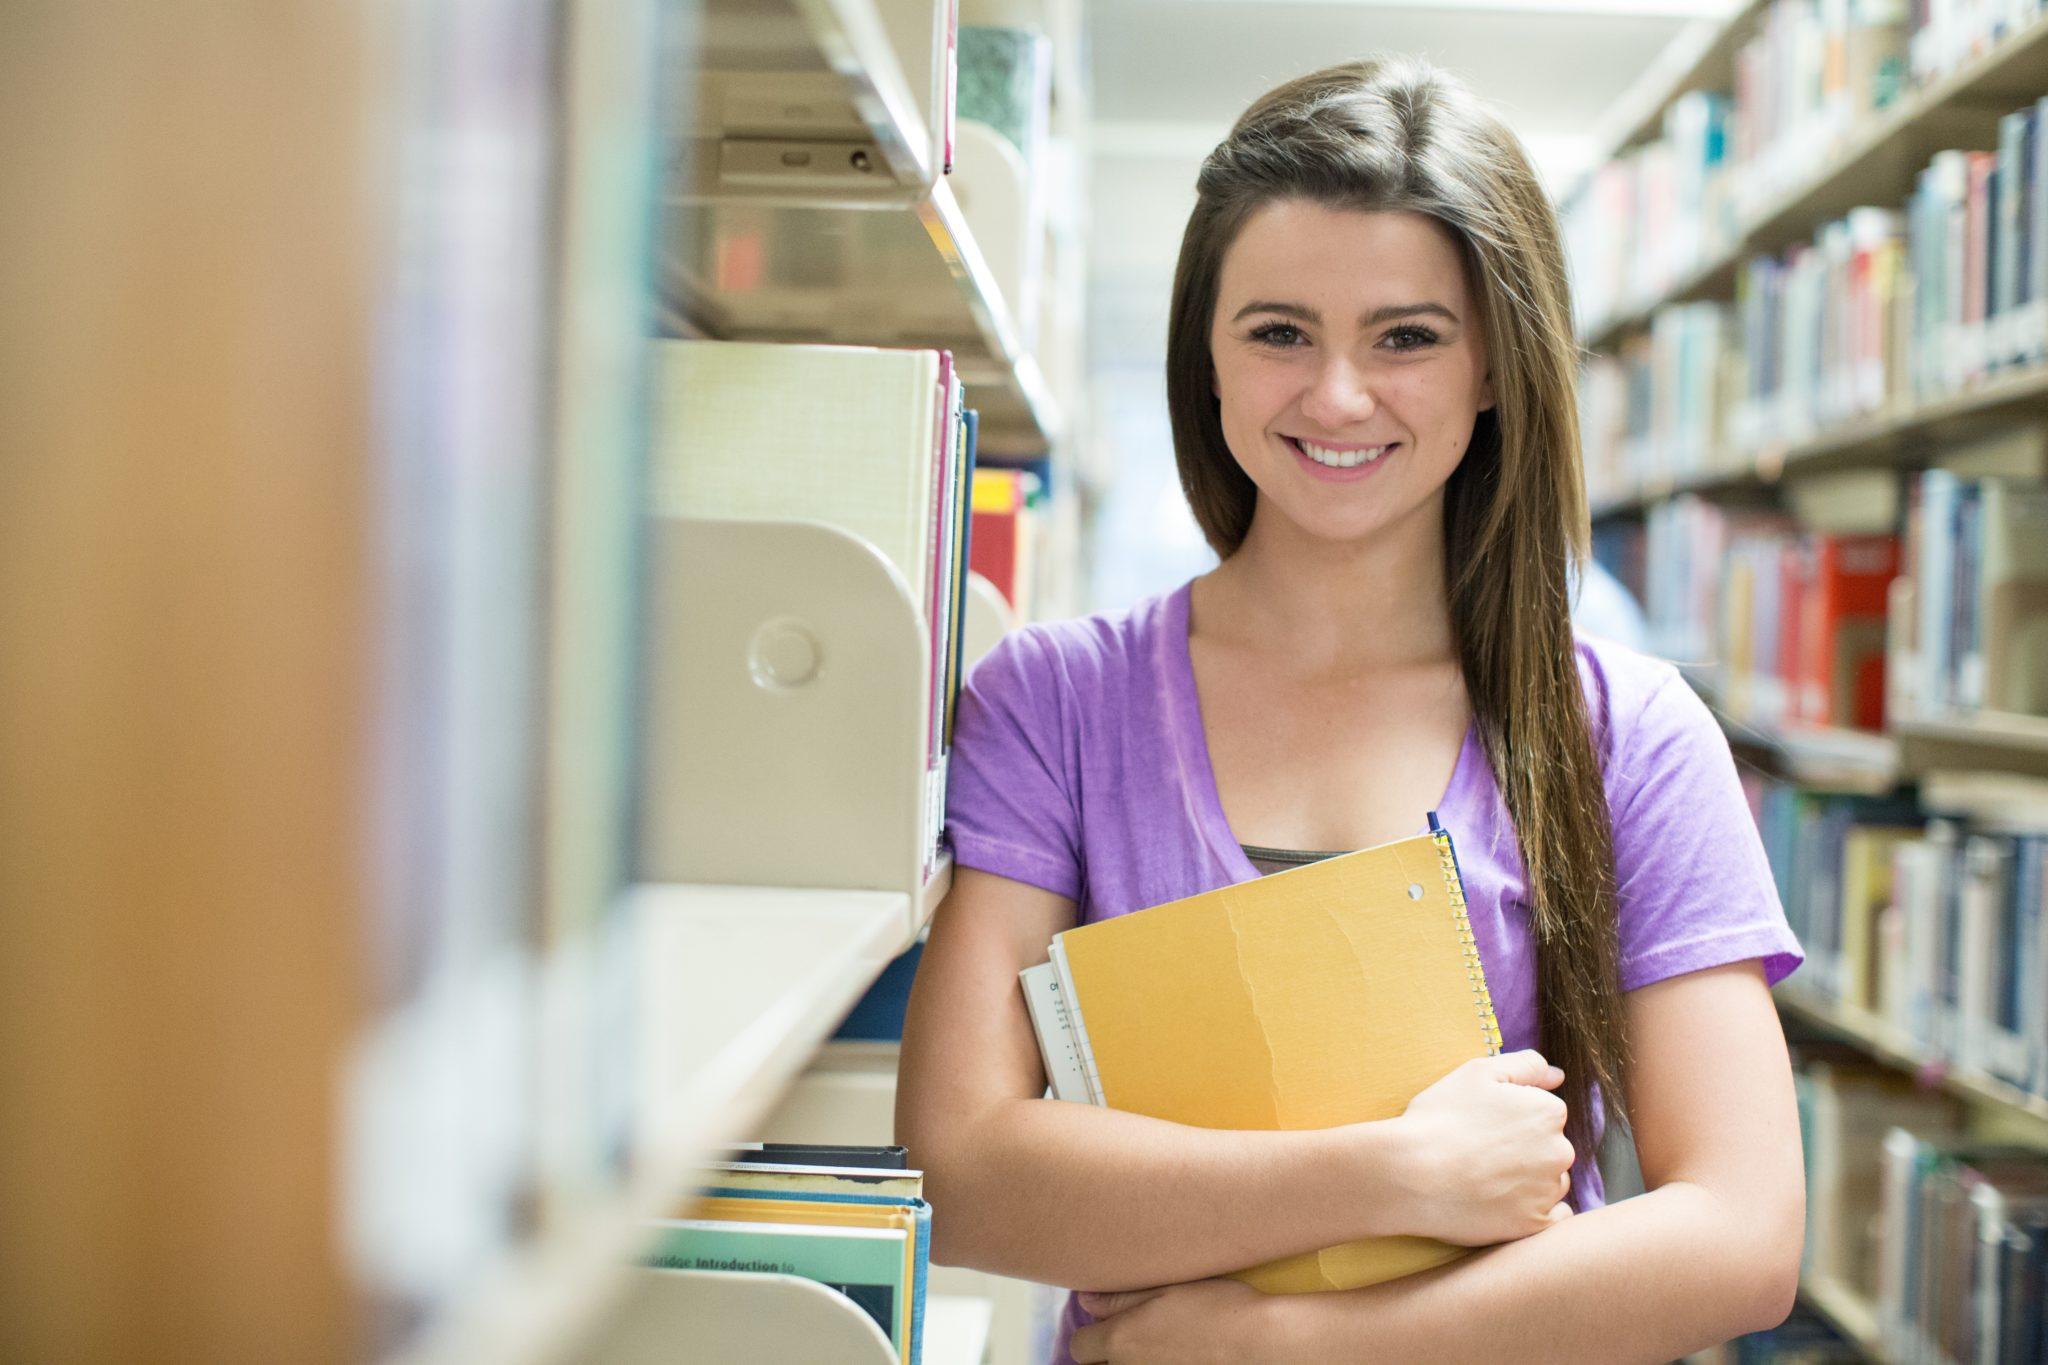 フィリピンの大学の図書館で勉強する人